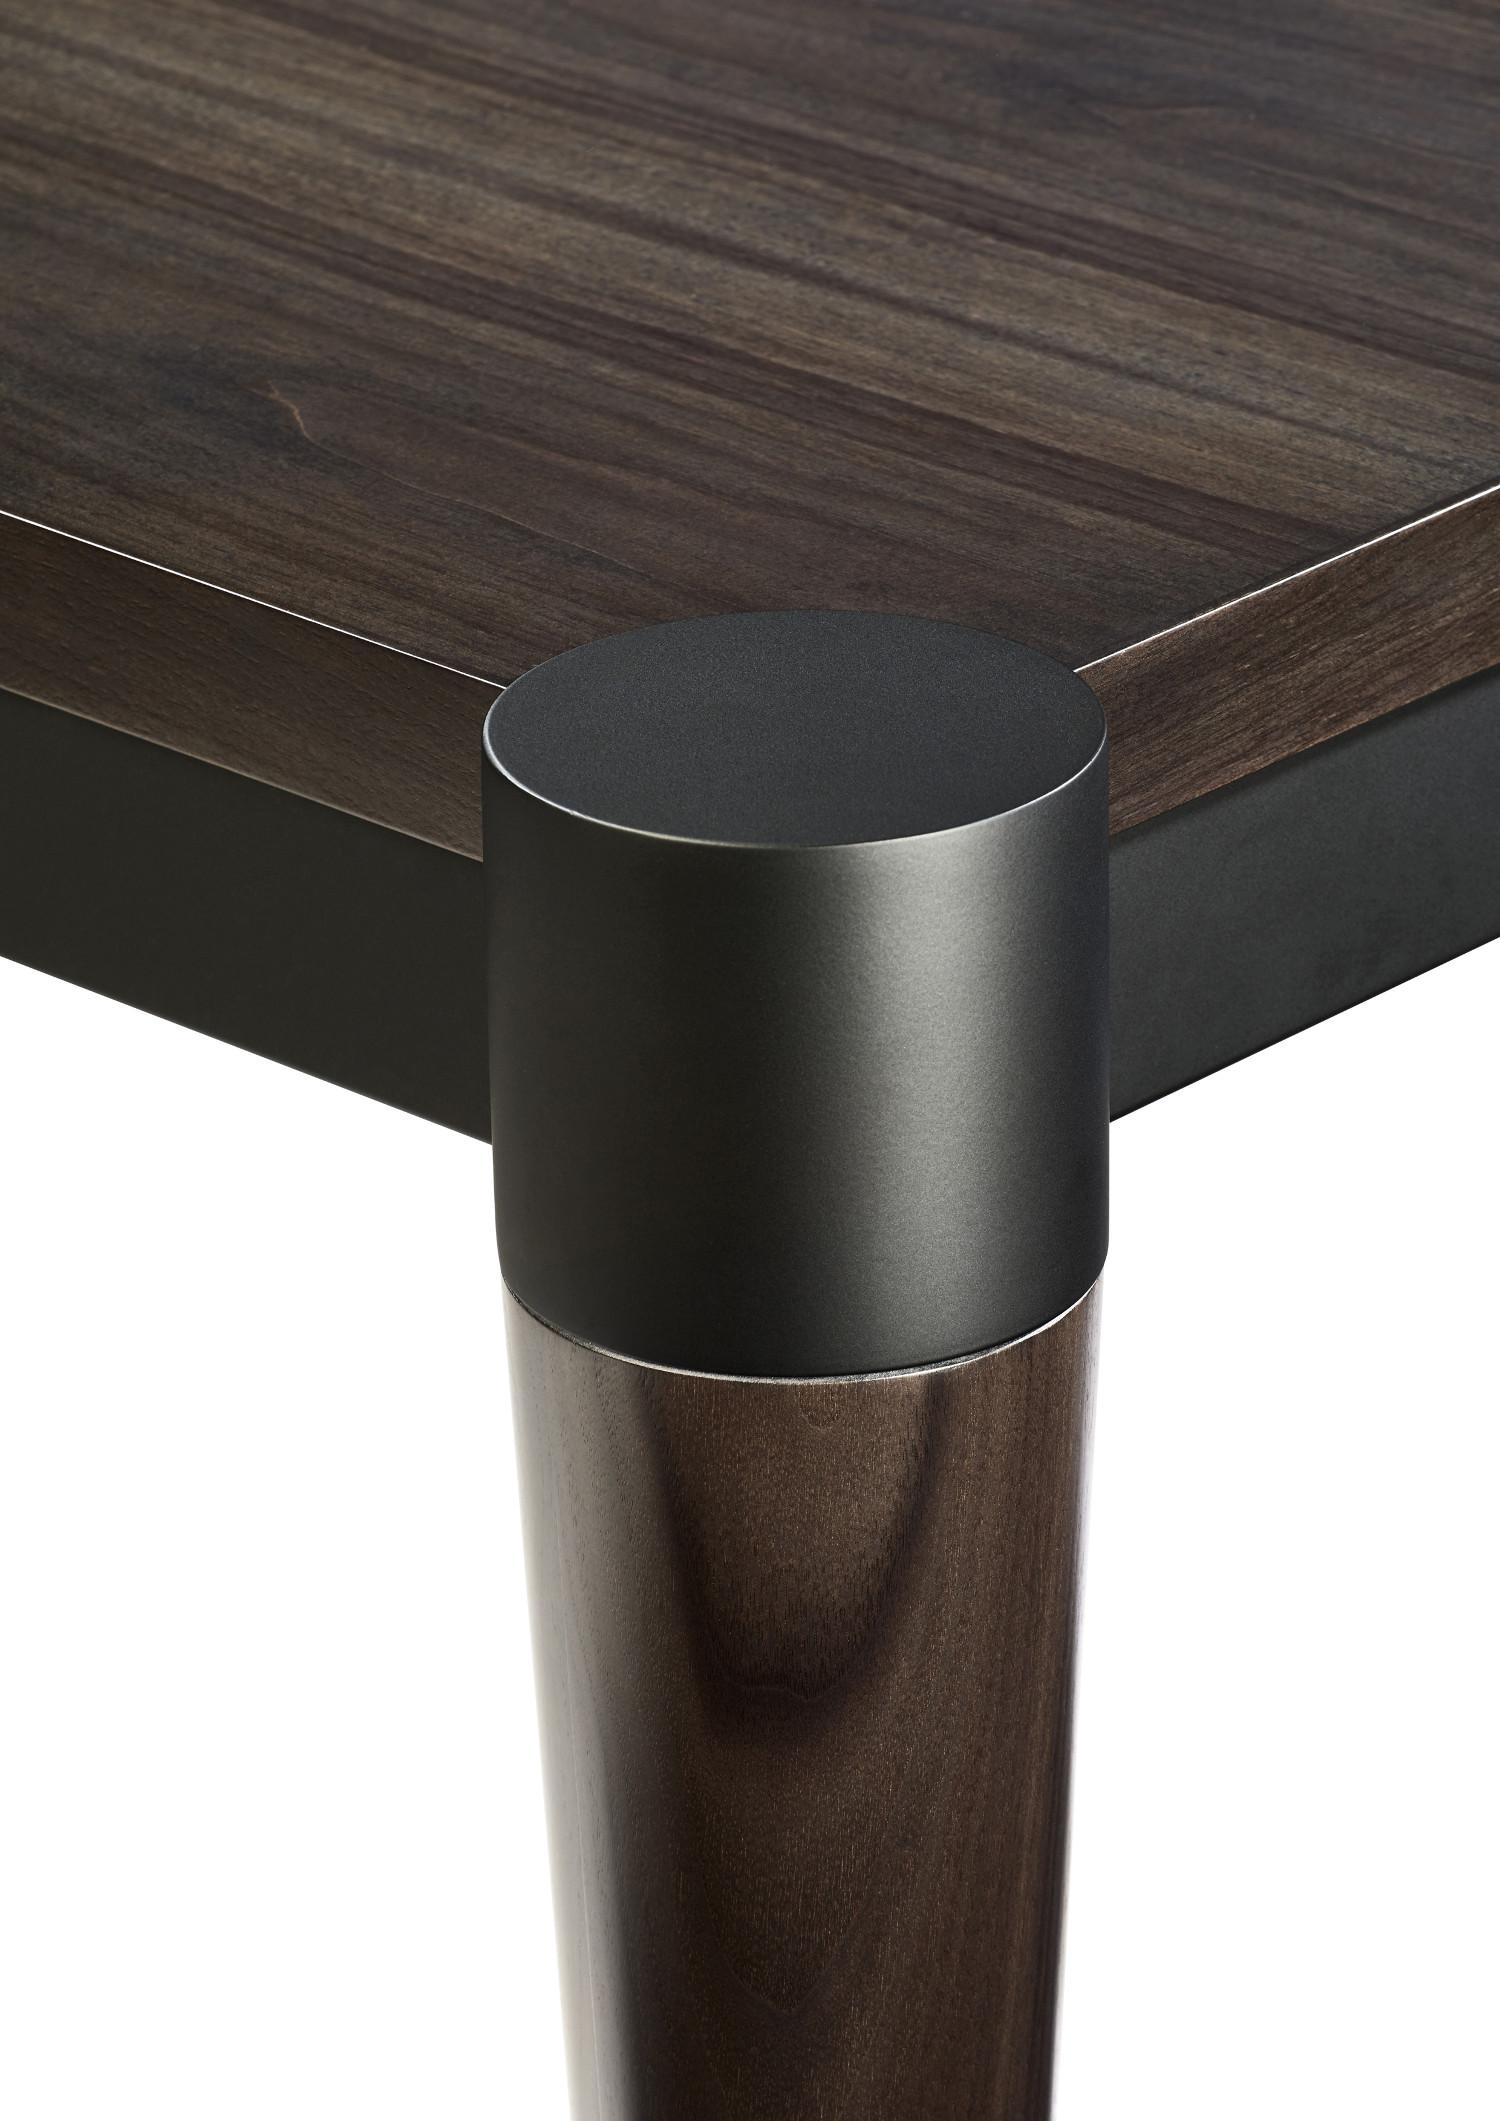 altai-table-detail.jpg